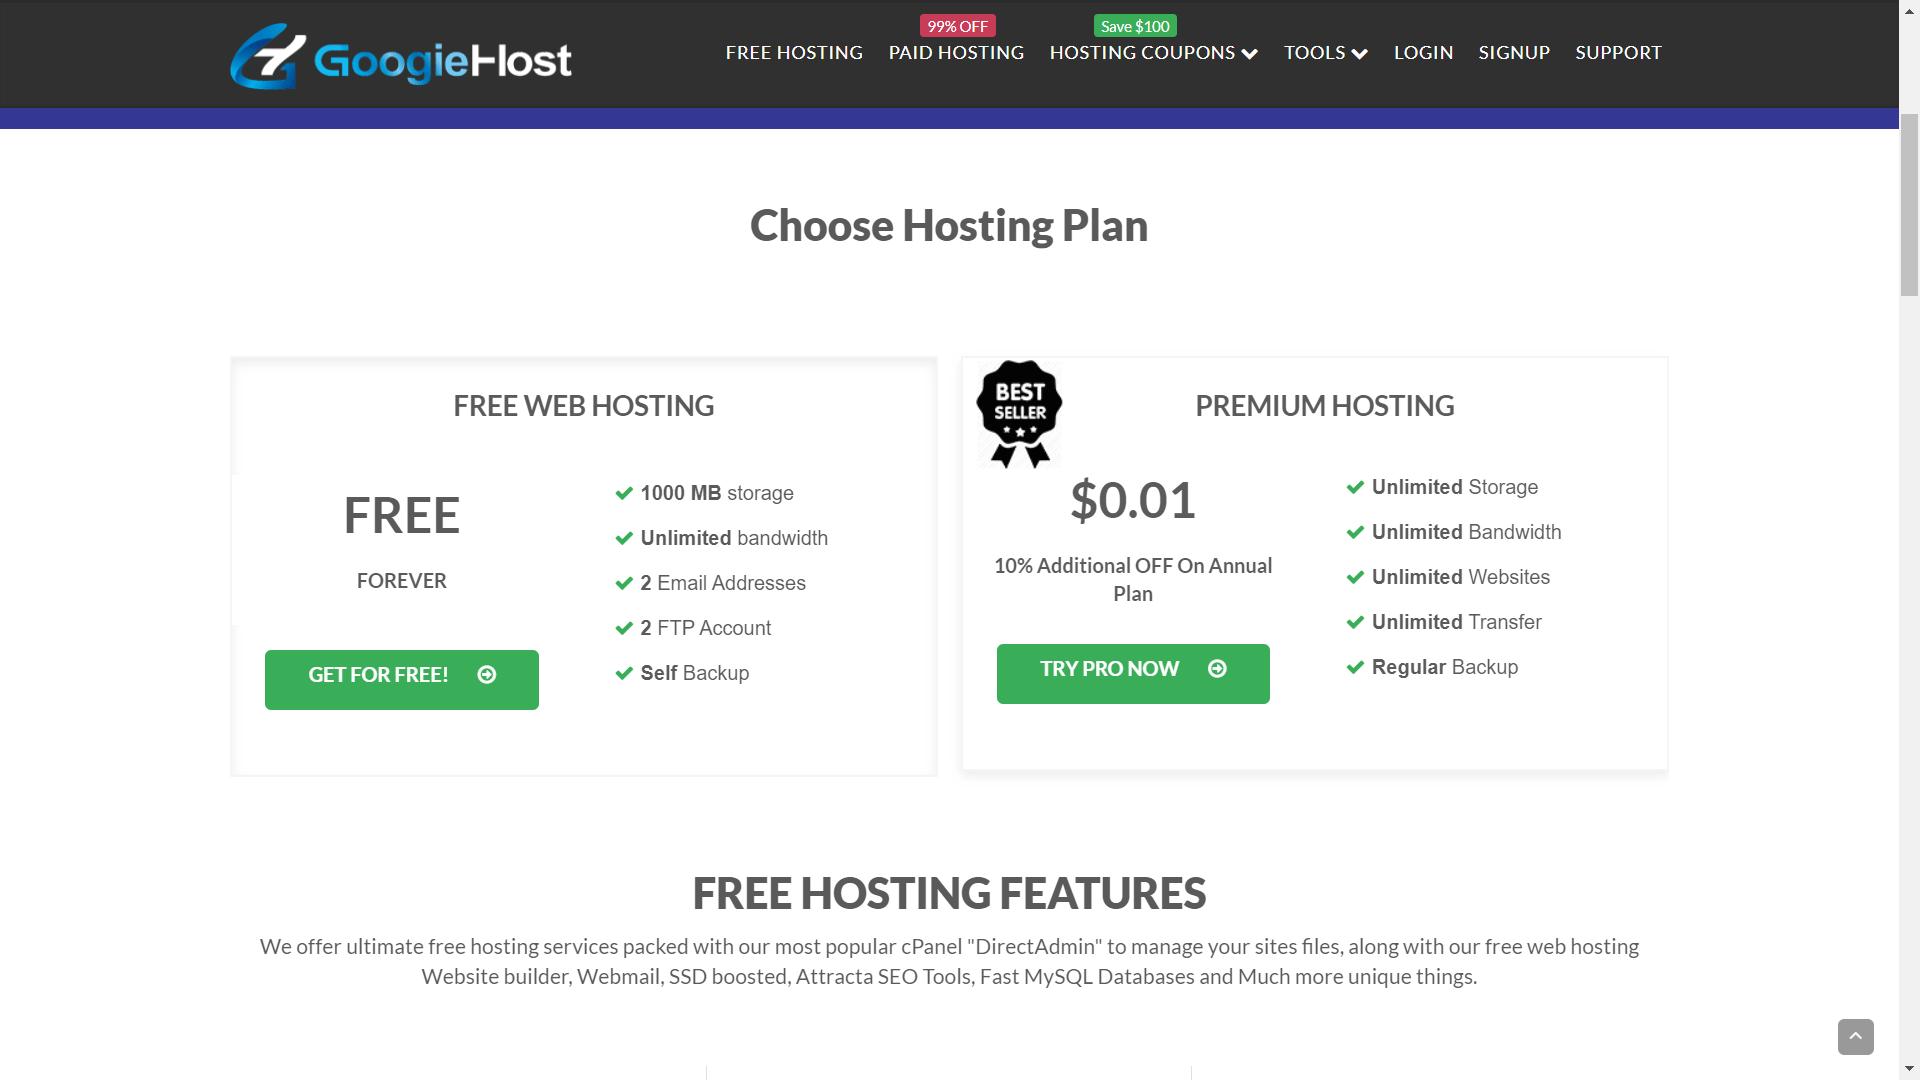 googiehost.com